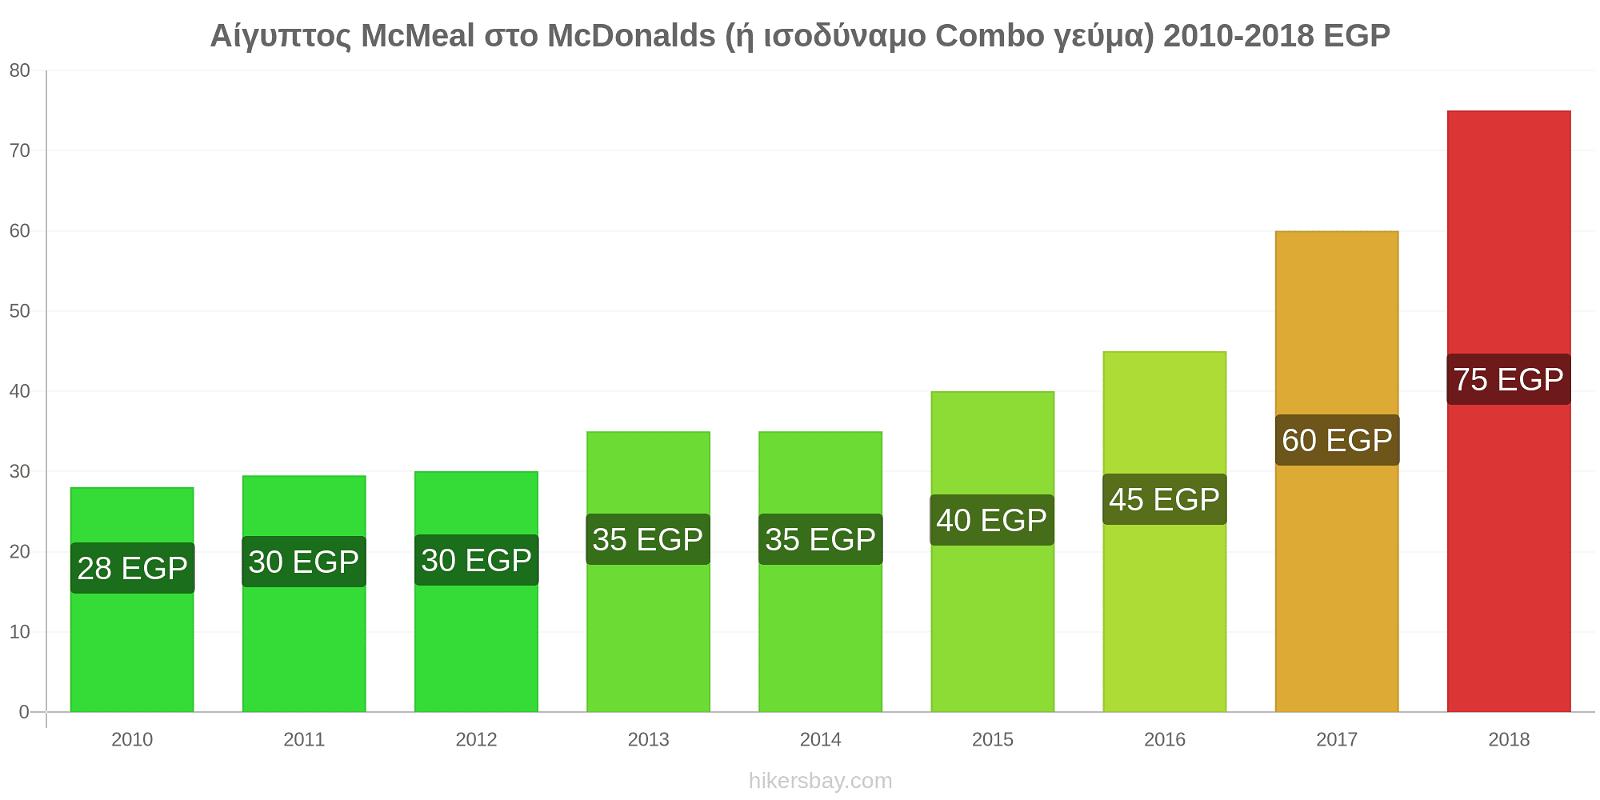 Αίγυπτος αλλαγές τιμών McMeal στο McDonalds (ή ισοδύναμο Combo γεύμα) hikersbay.com